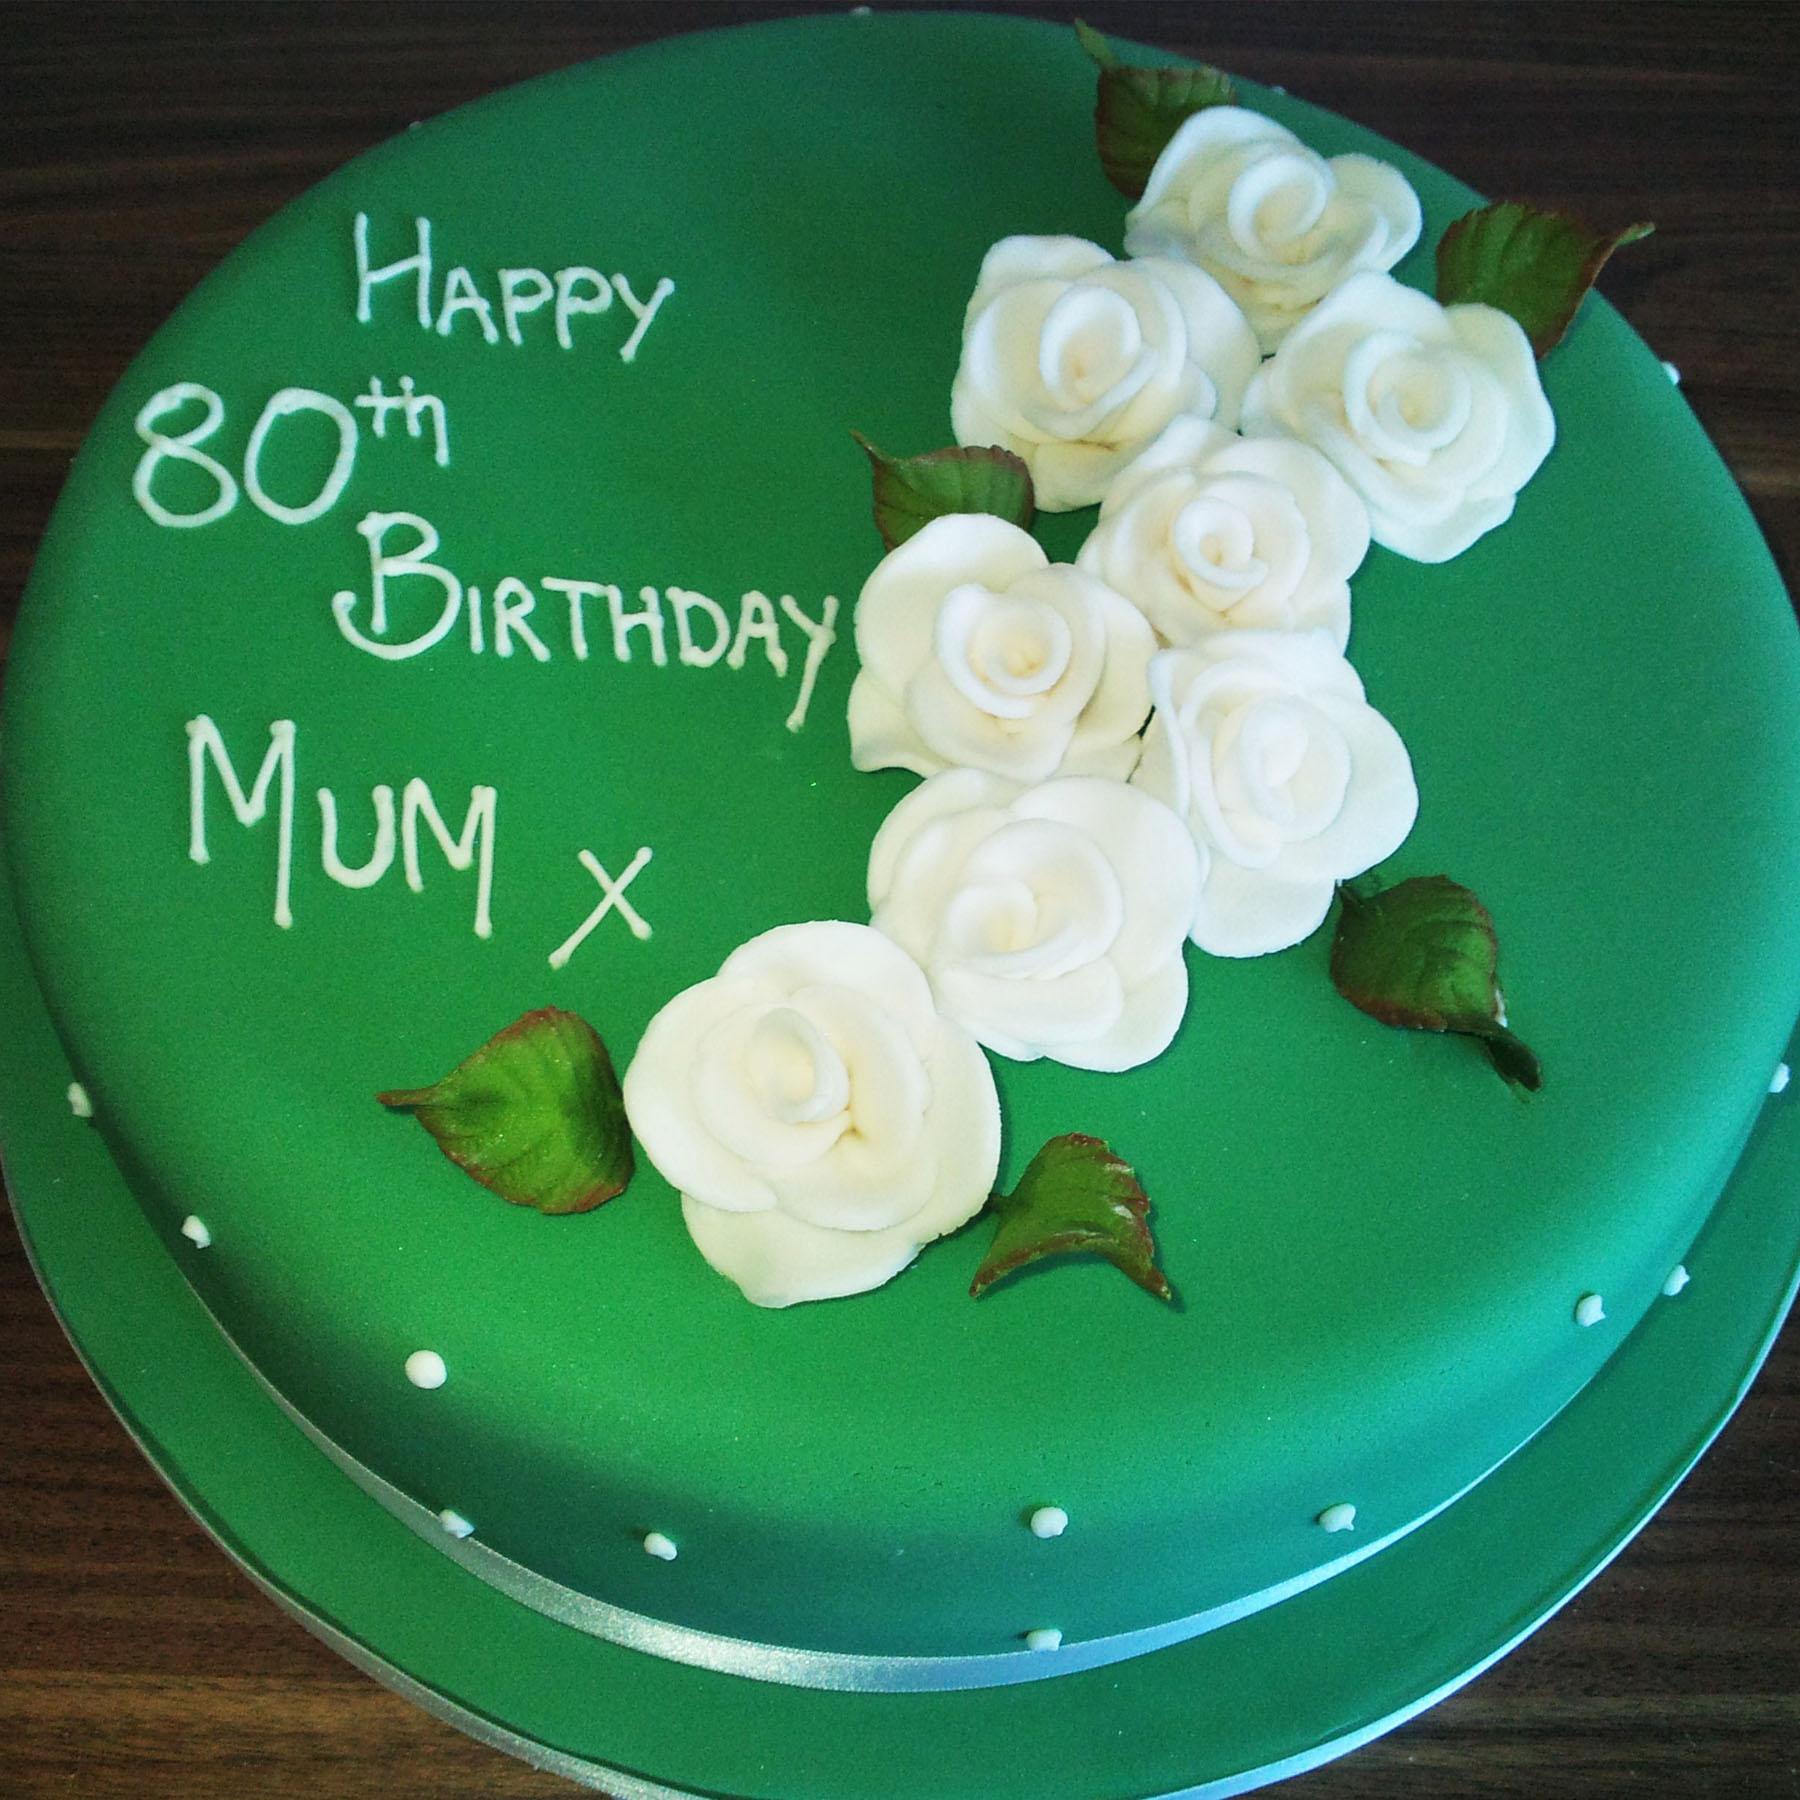 80th Birthday Cake Anns Designer Cakes